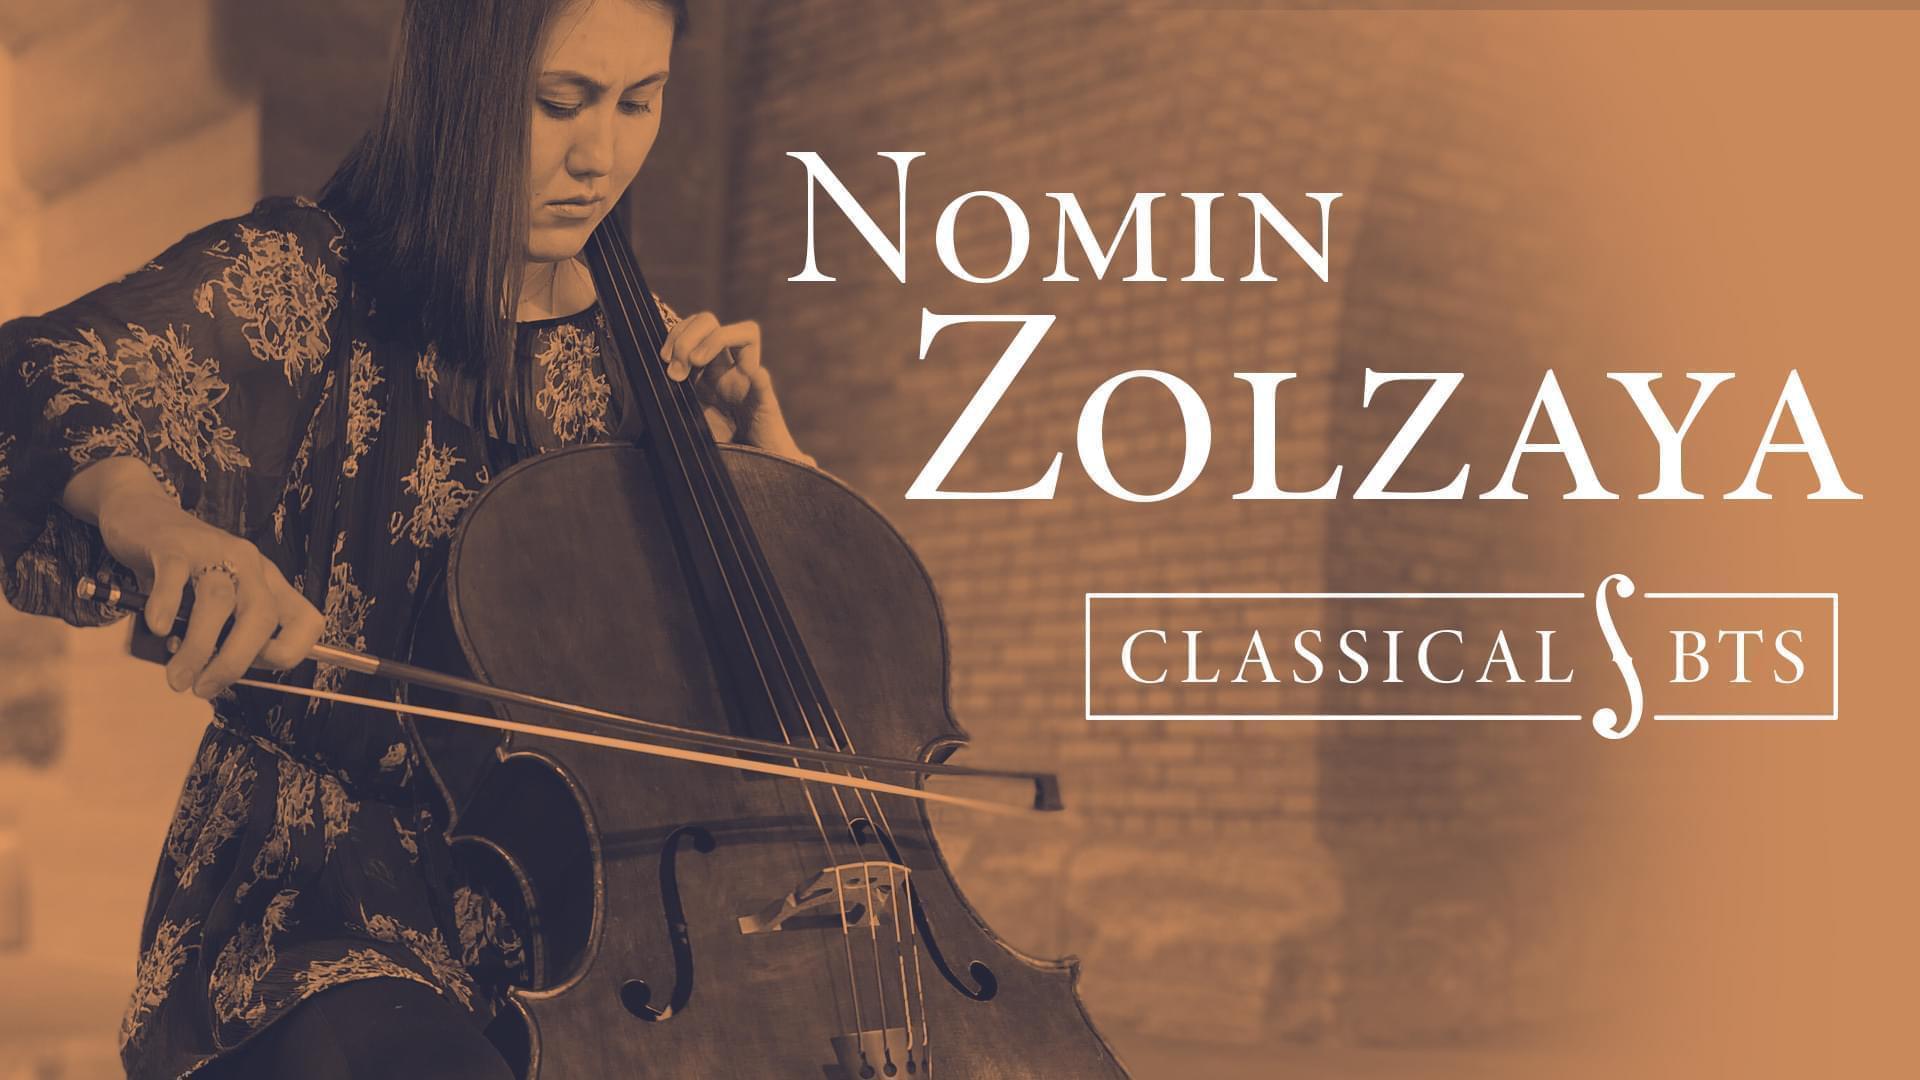 image of Nomin Zolzaya